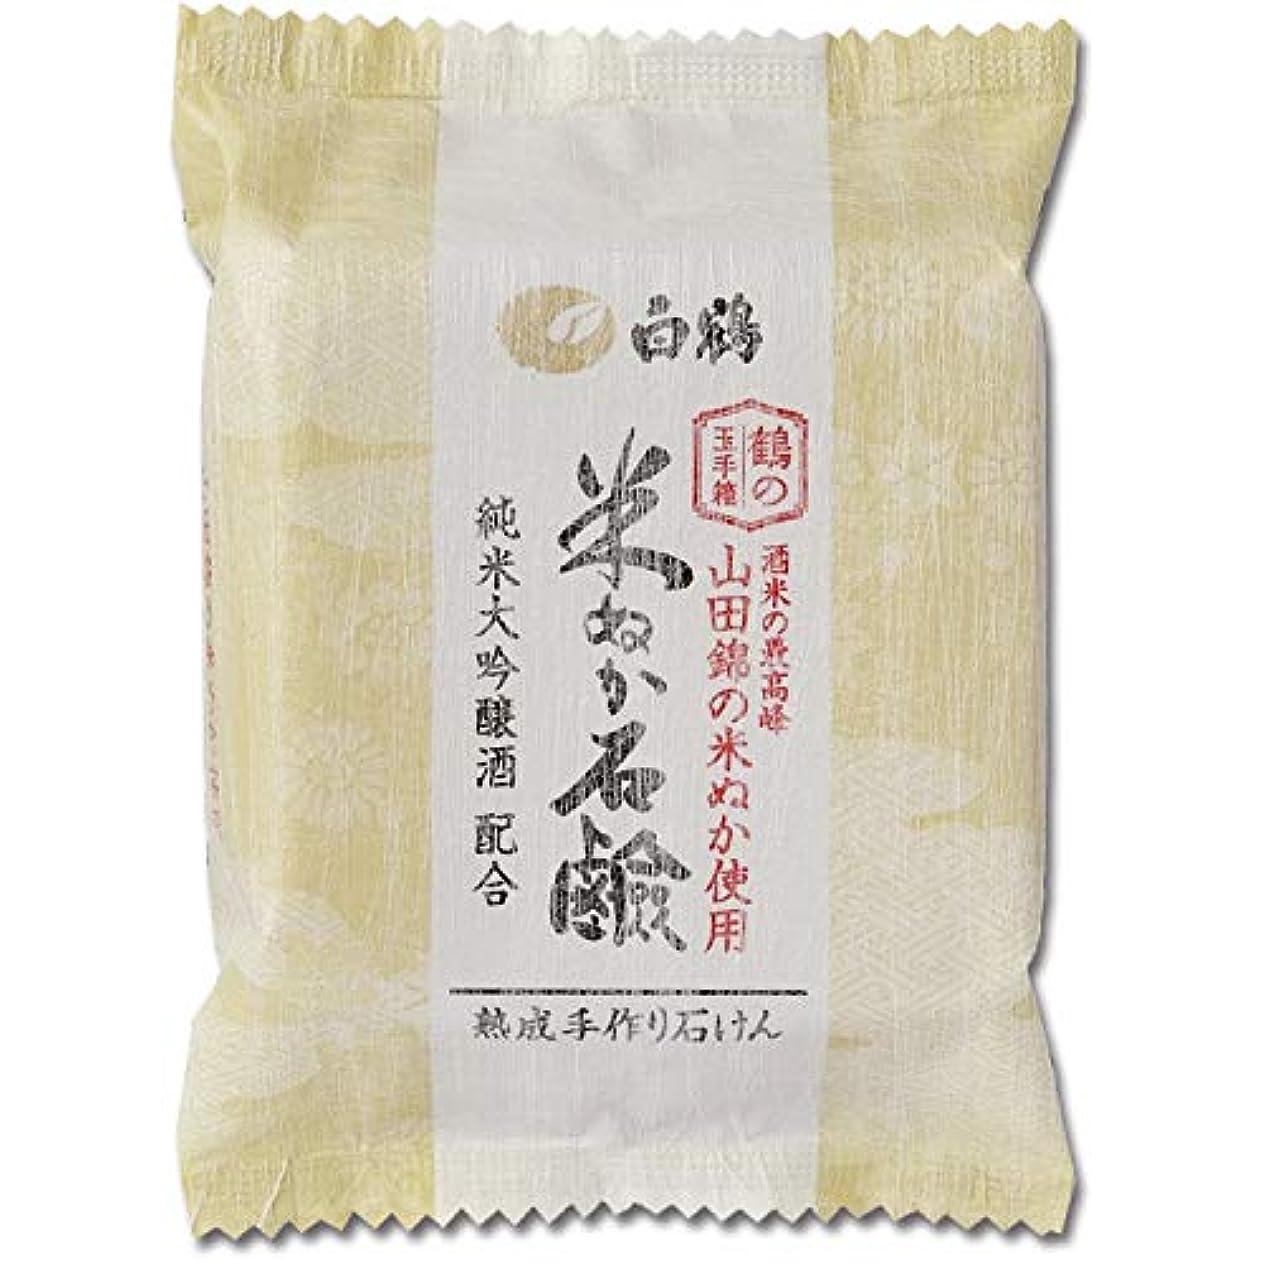 炭素急行する効率白鶴 鶴の玉手箱 米ぬか石けん 100g (全身用石鹸)